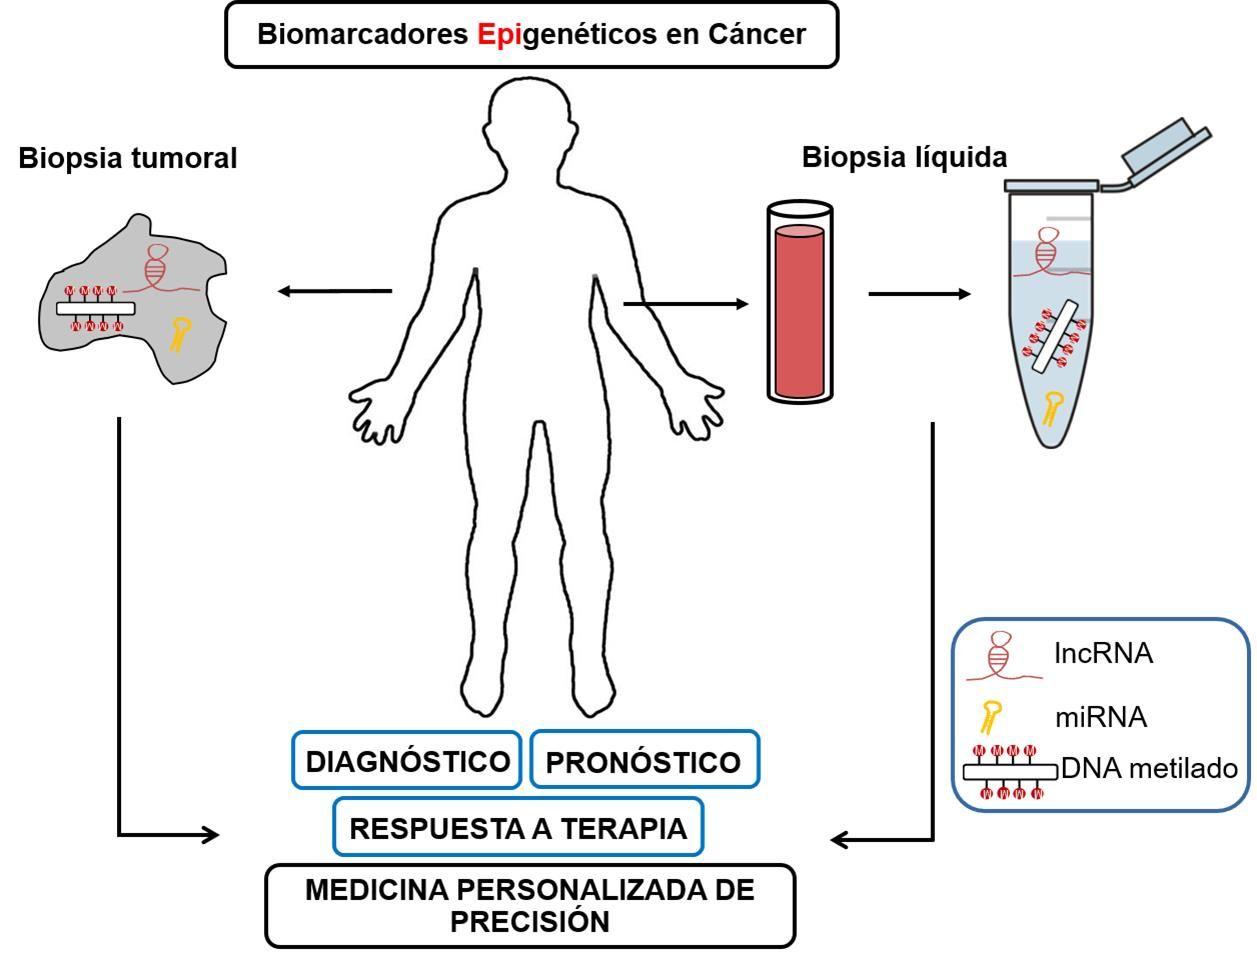 biomarcadores epigenéticos